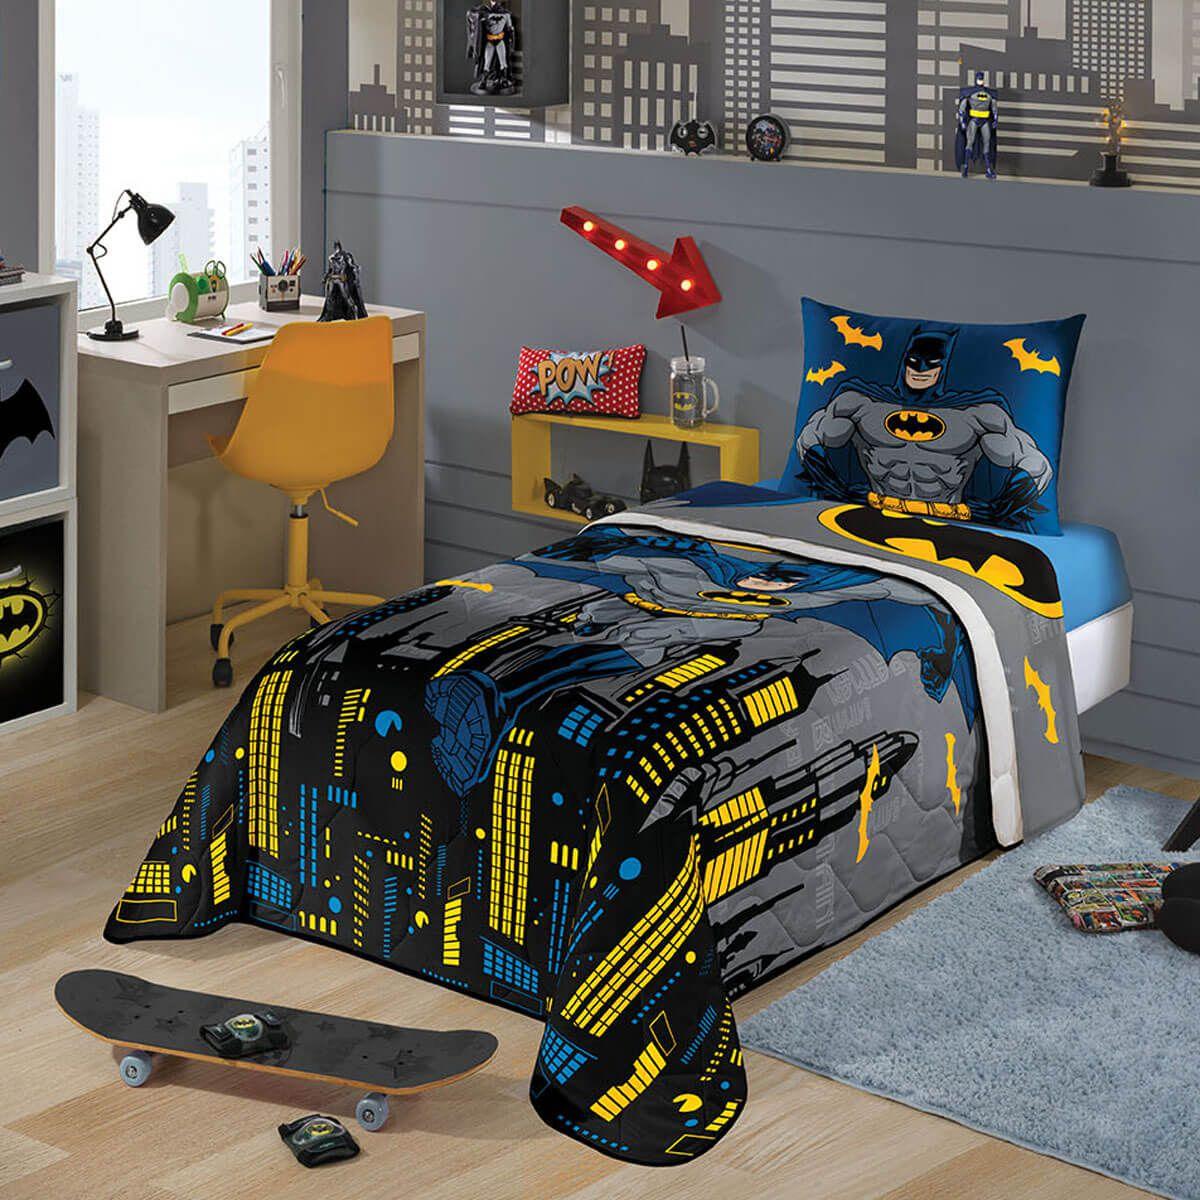 ef60d9b096 Kit Infantil Do Batman Edredom + Jogo De Cama Lepper